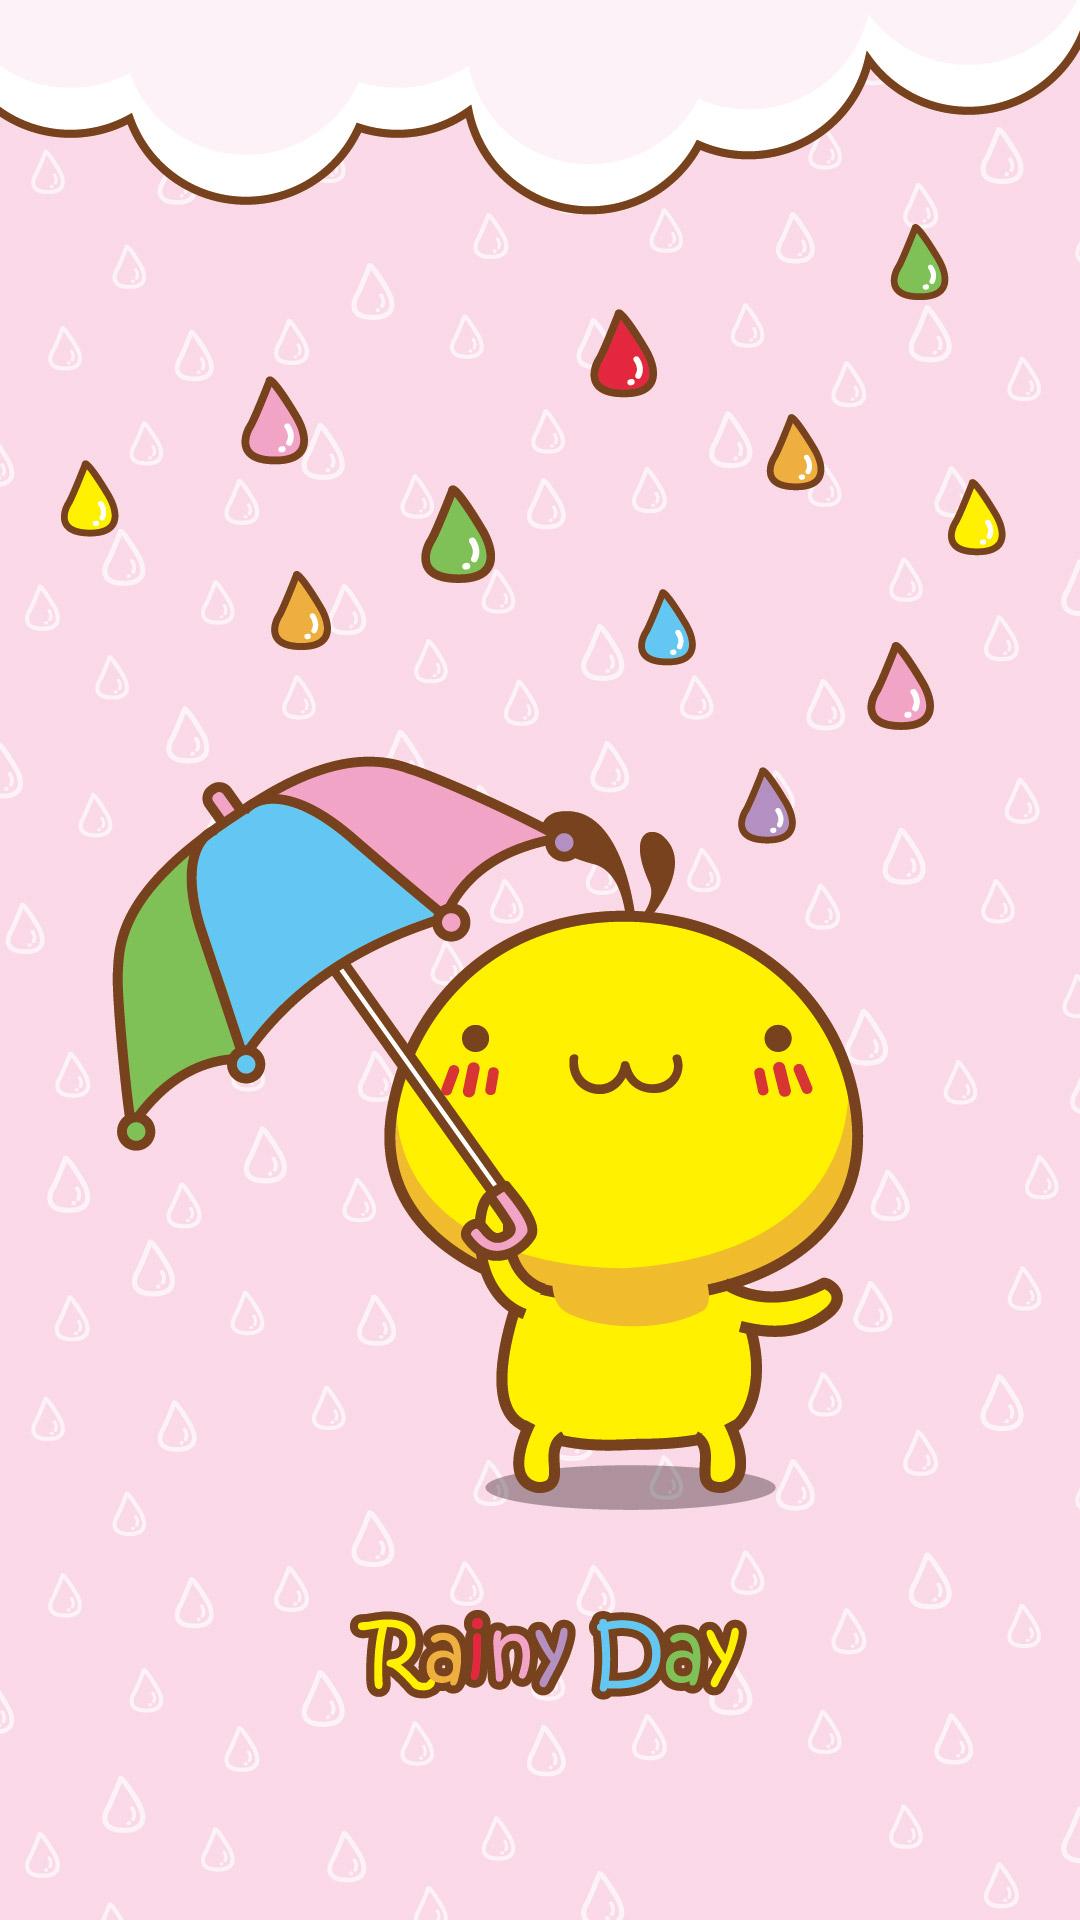 油爆叽丁雨天手机壁纸